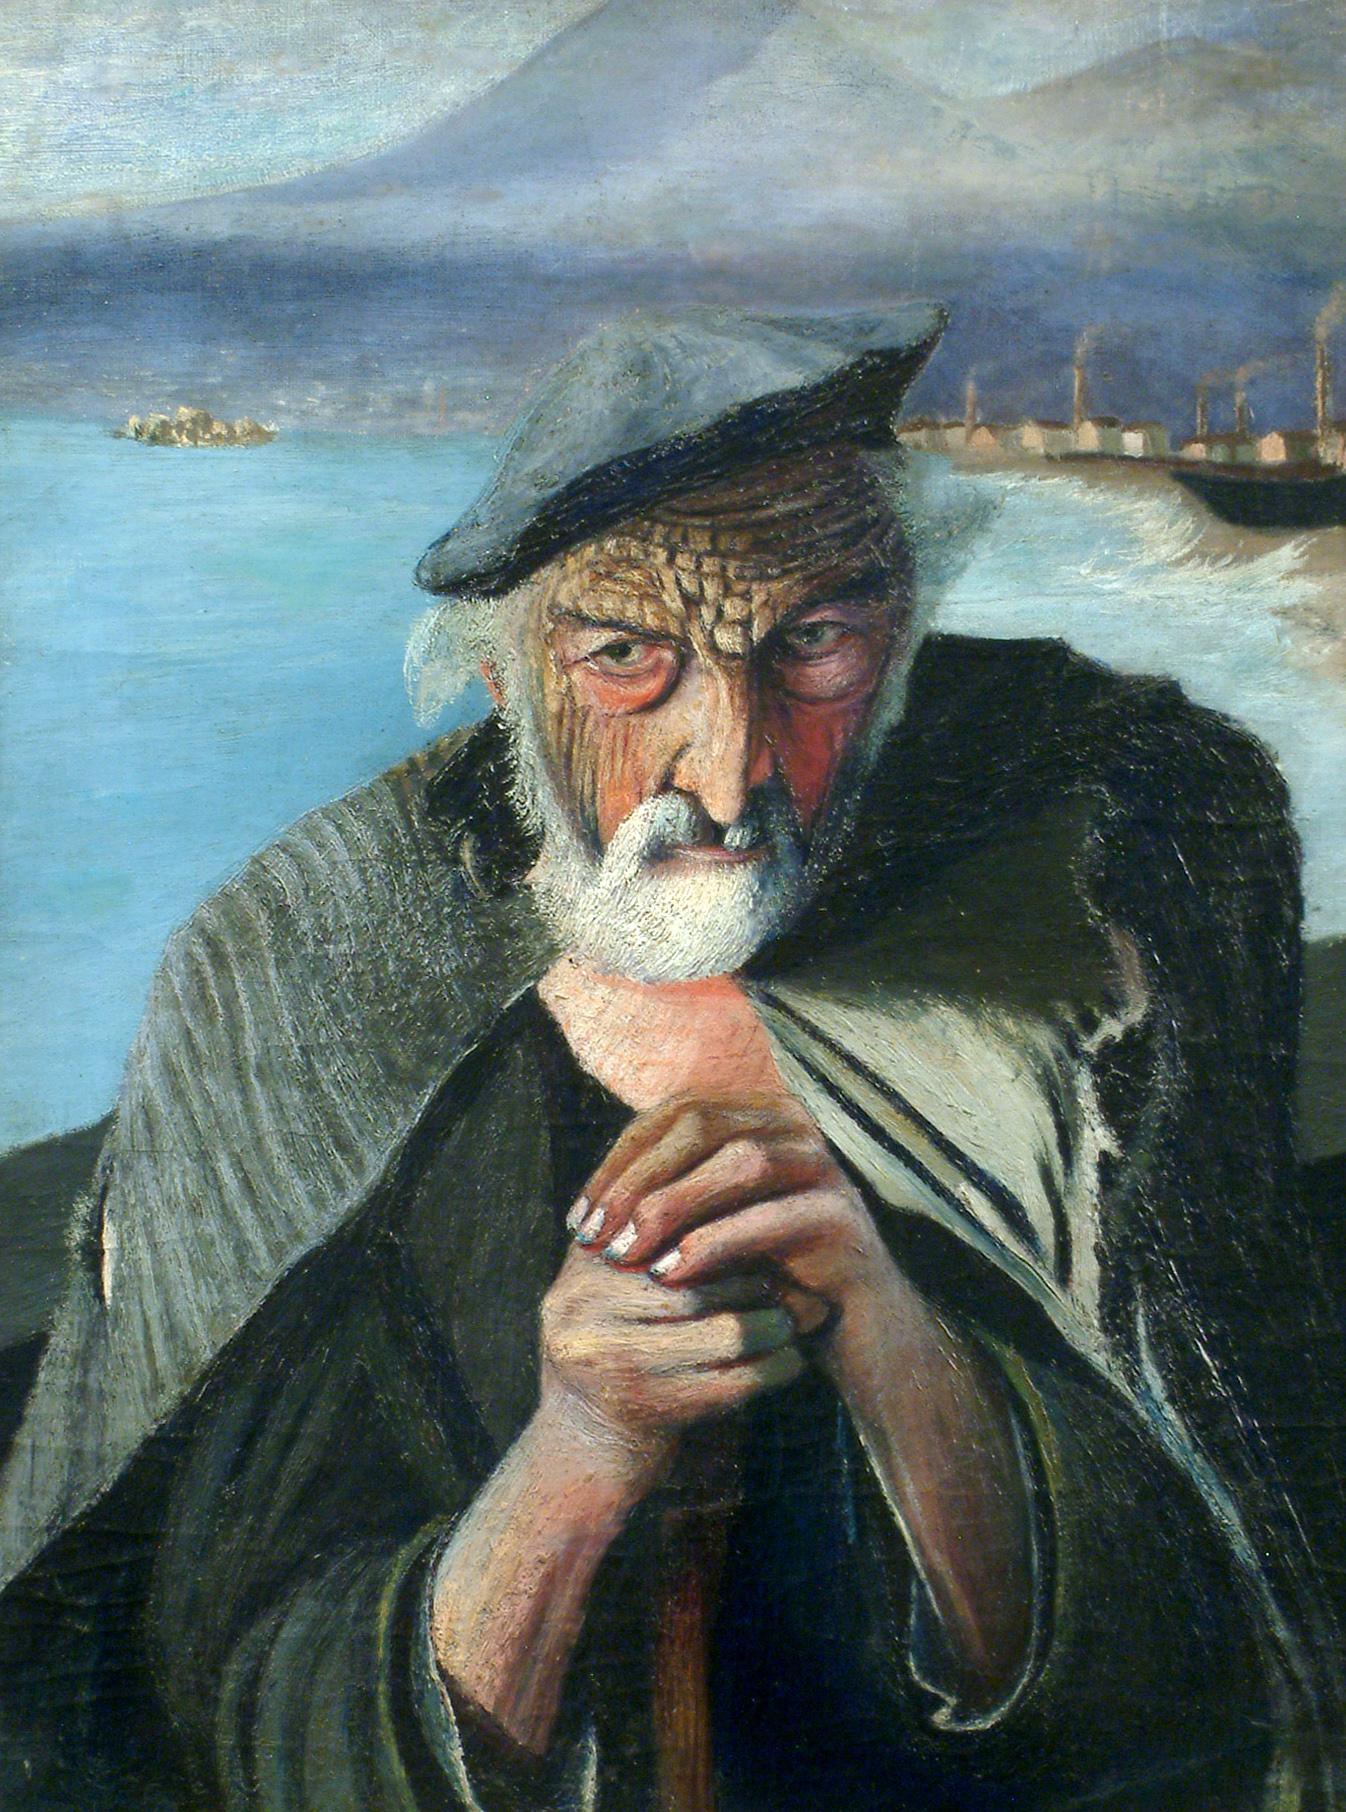 Olasz halász